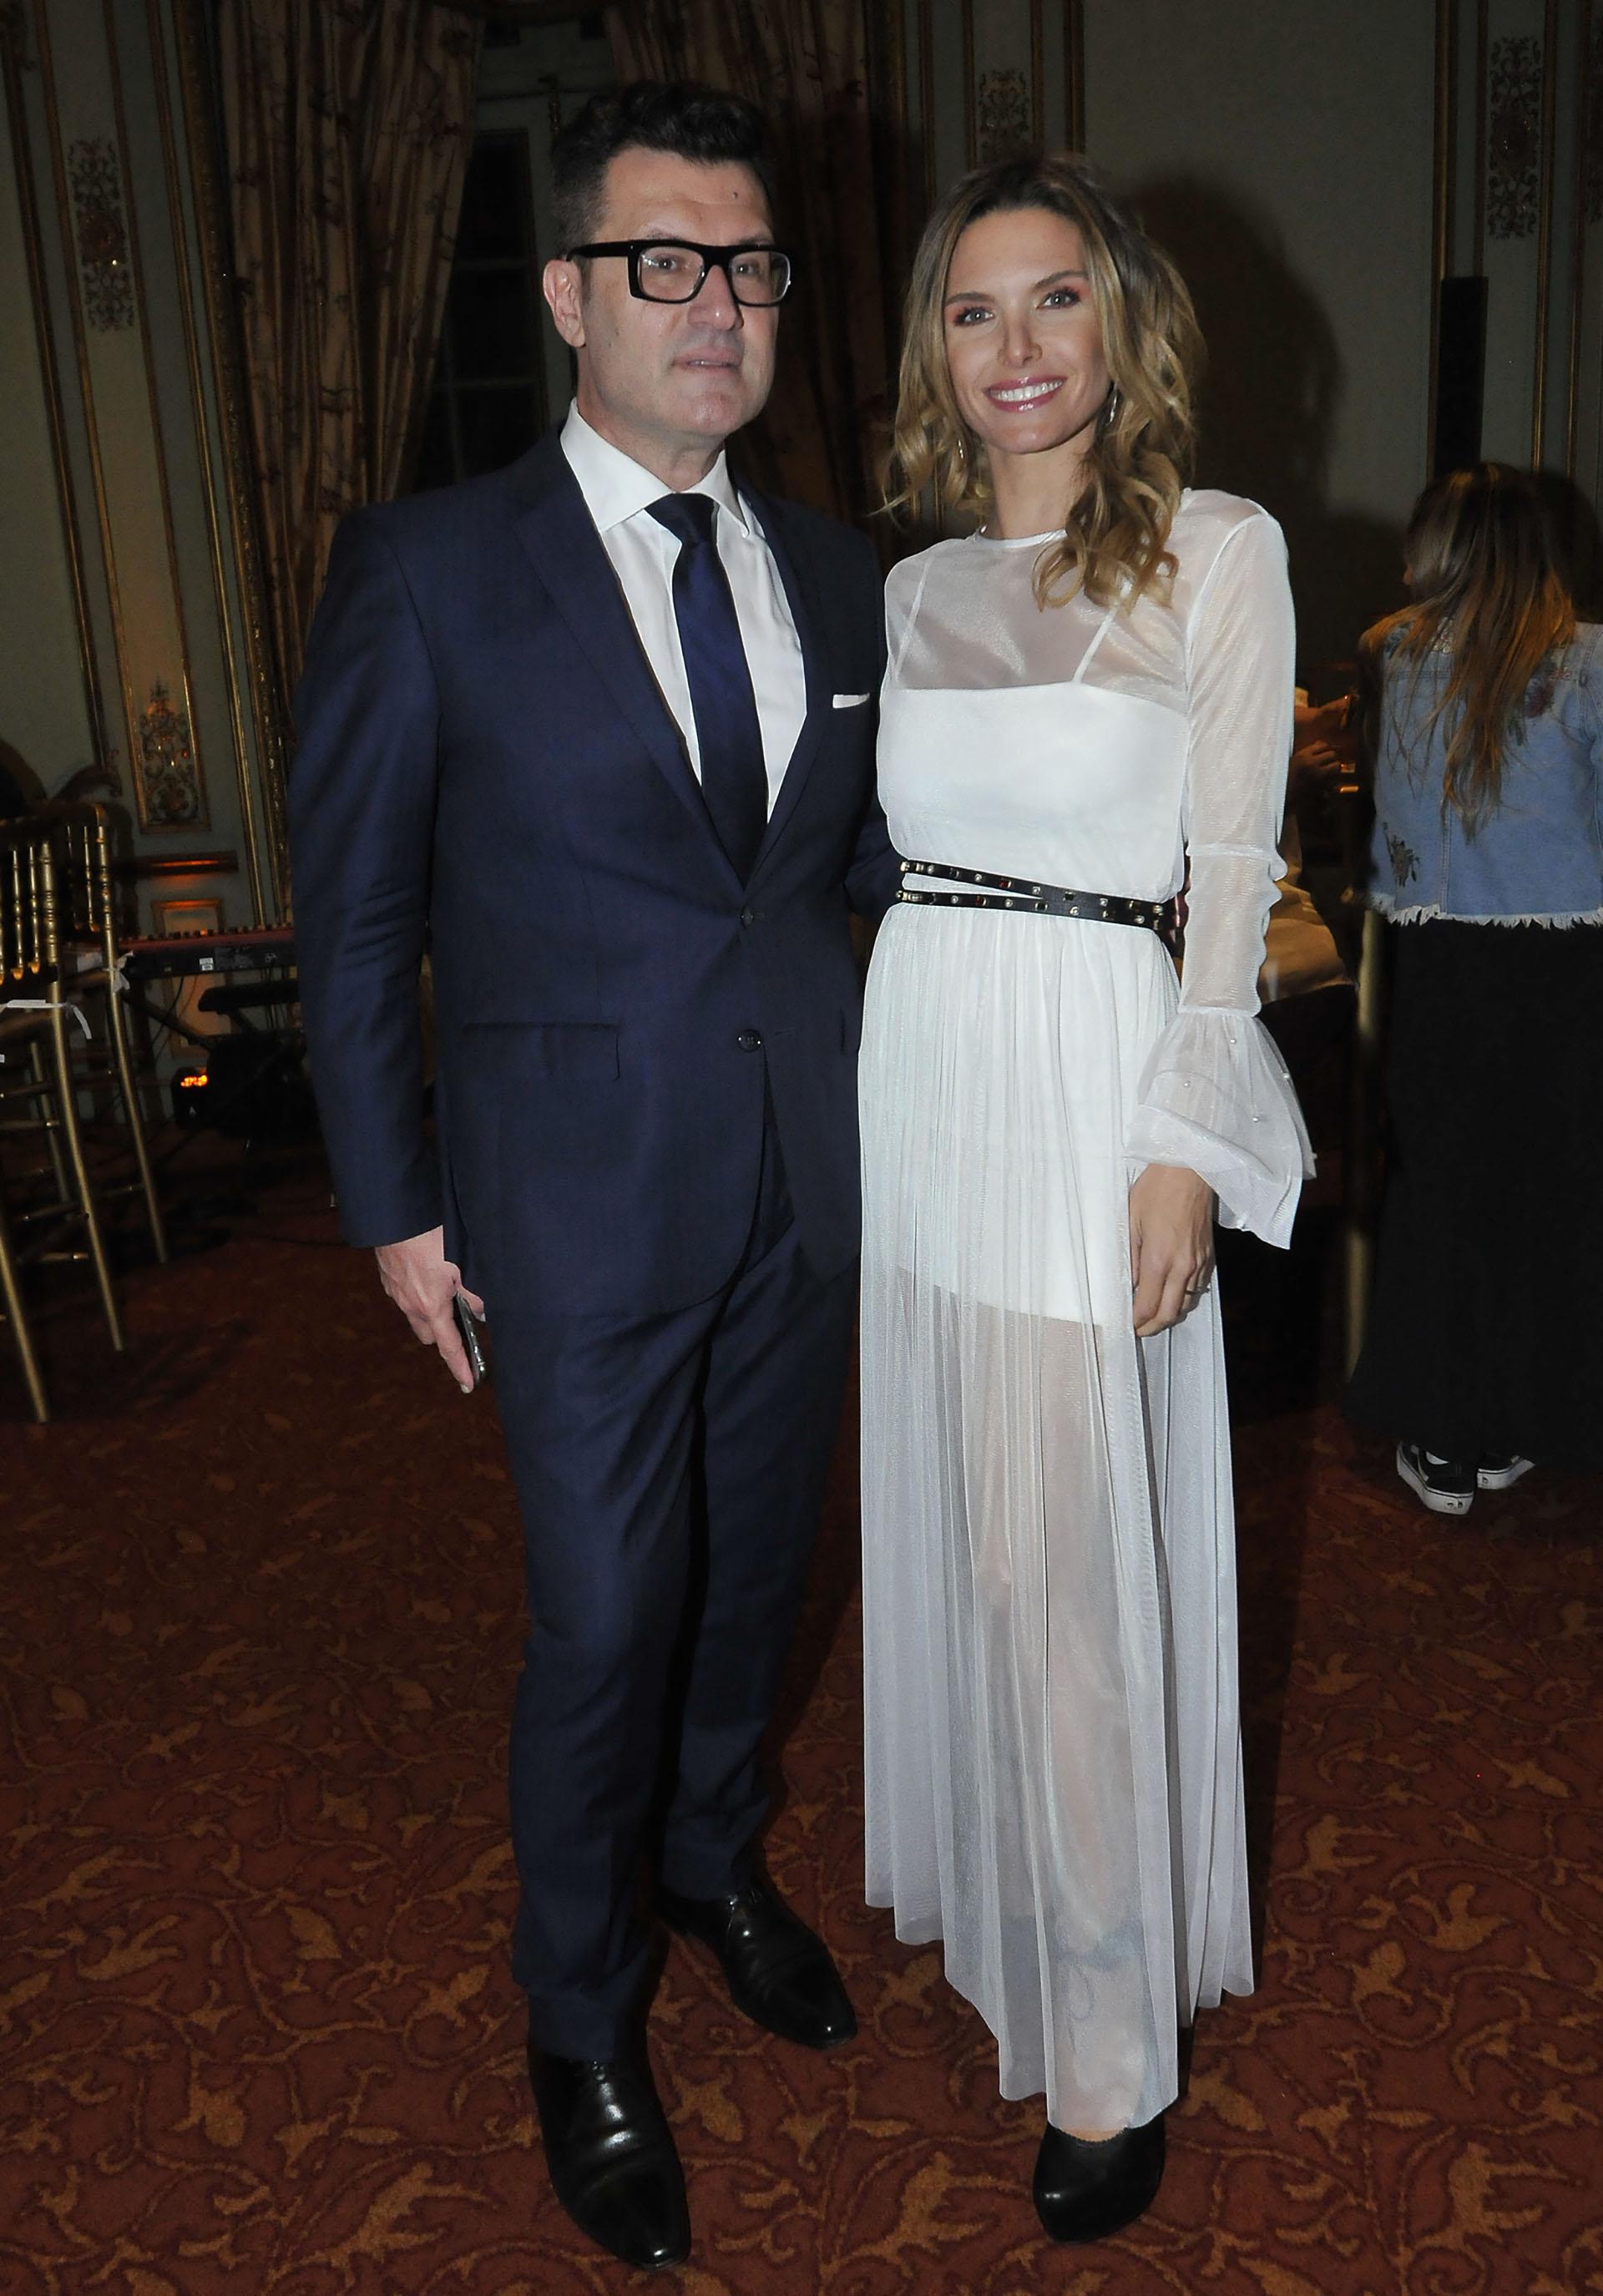 Gabriel Oliveri y Sofía Zamolo (Crédito: Teleshow)